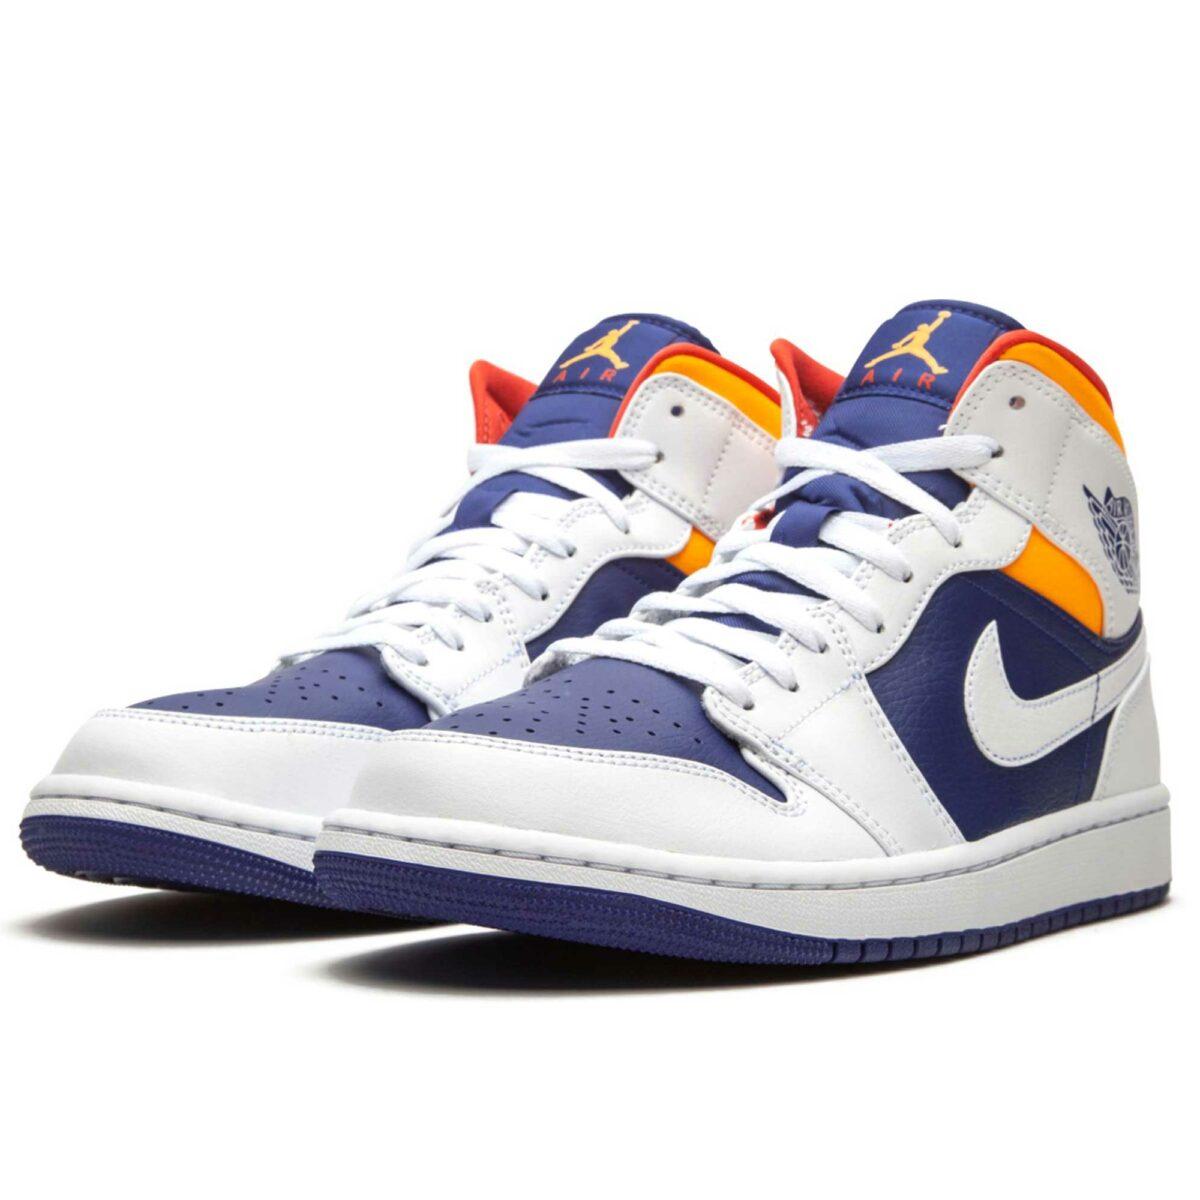 nike air Jordan 1 mid royal blue laser orange 554724_131 купить